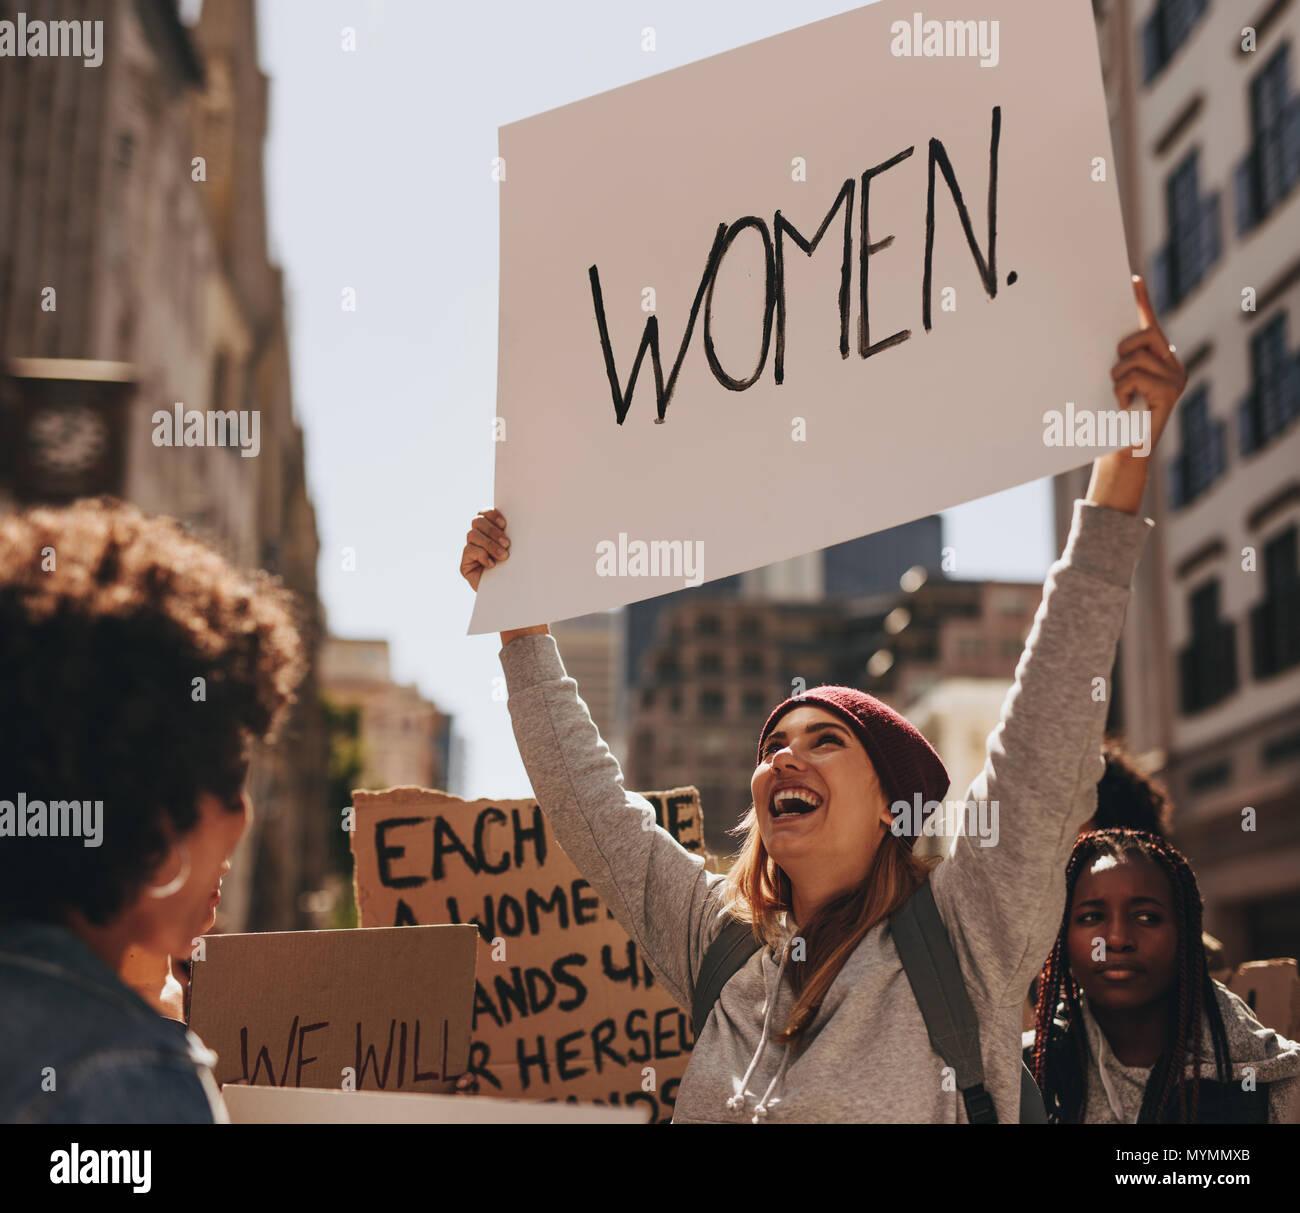 Feliz joven escritos a mano en signo de protesta de mujeres de marzo. Grupo de mujeres demostrando afuera. Imagen De Stock